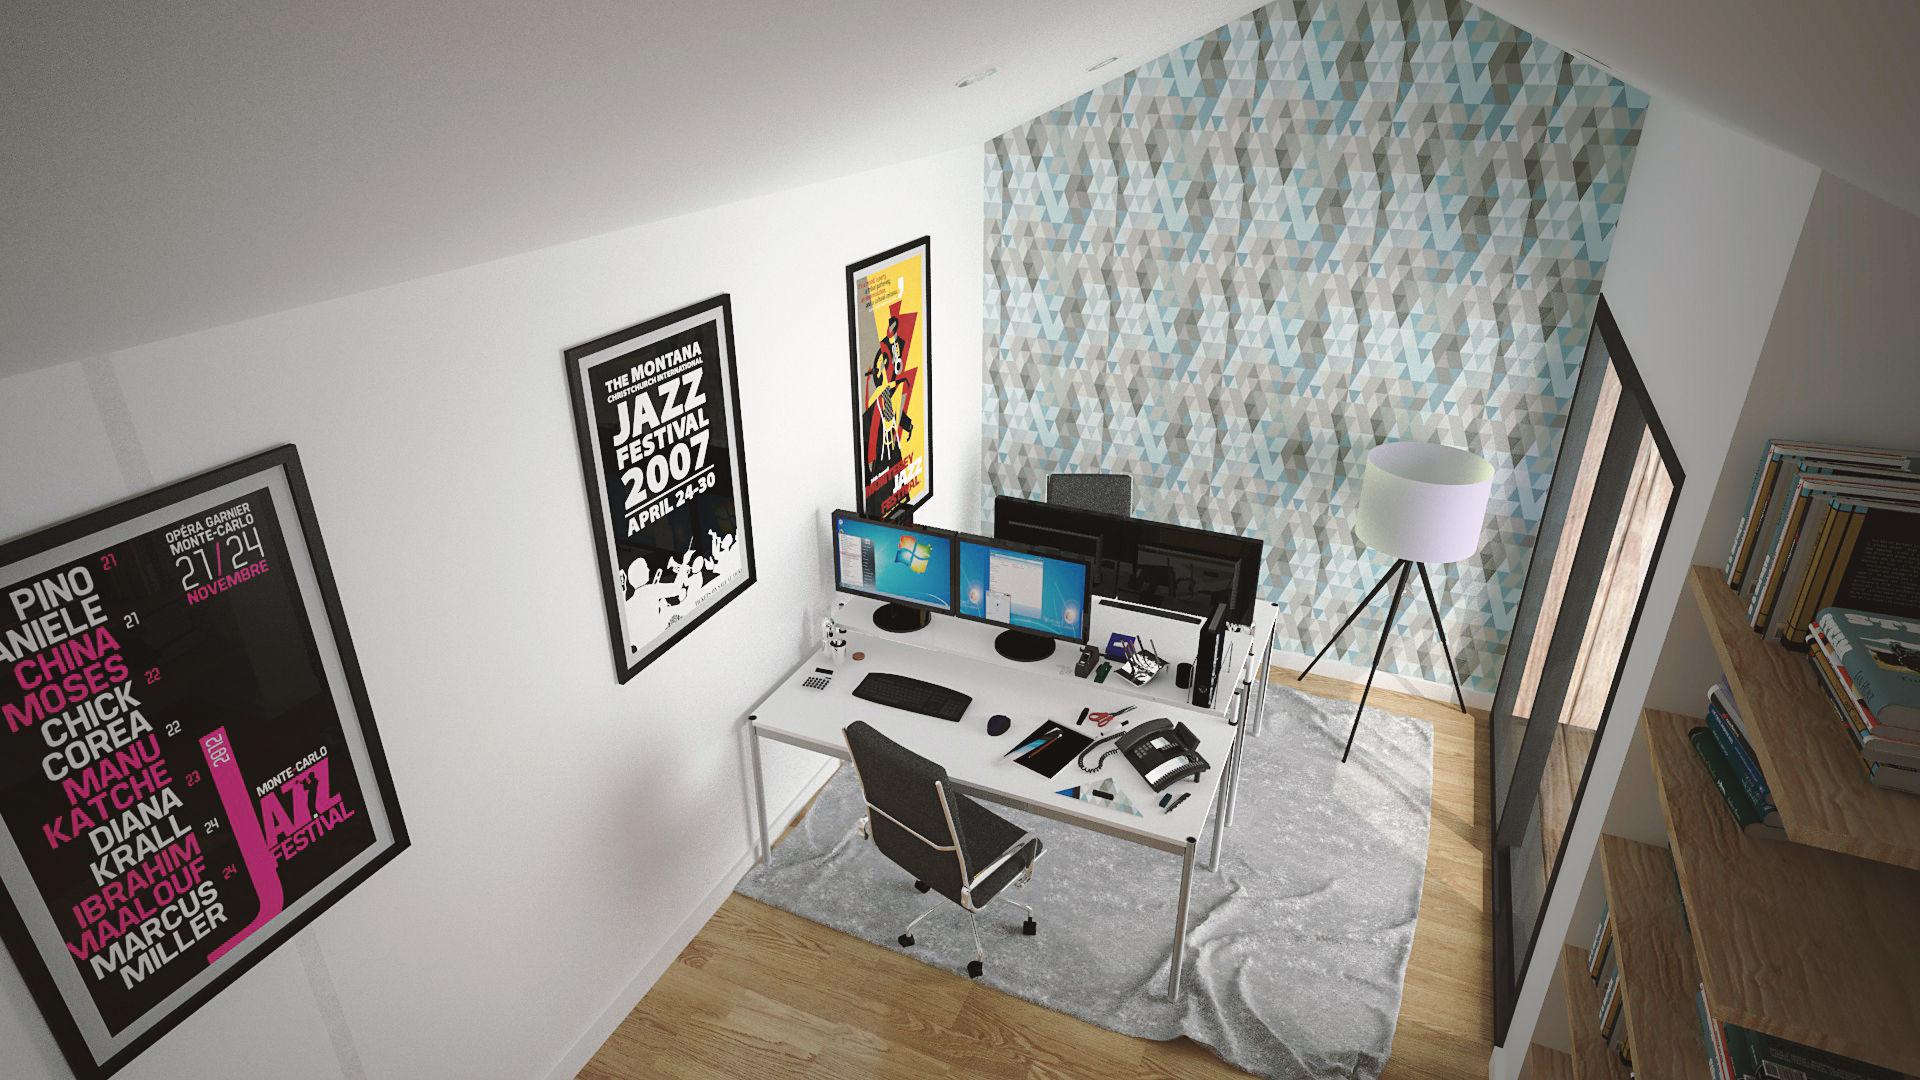 Studio de jardin vue interieure 3D - Plans et vues 3D de studios de jardin en bois